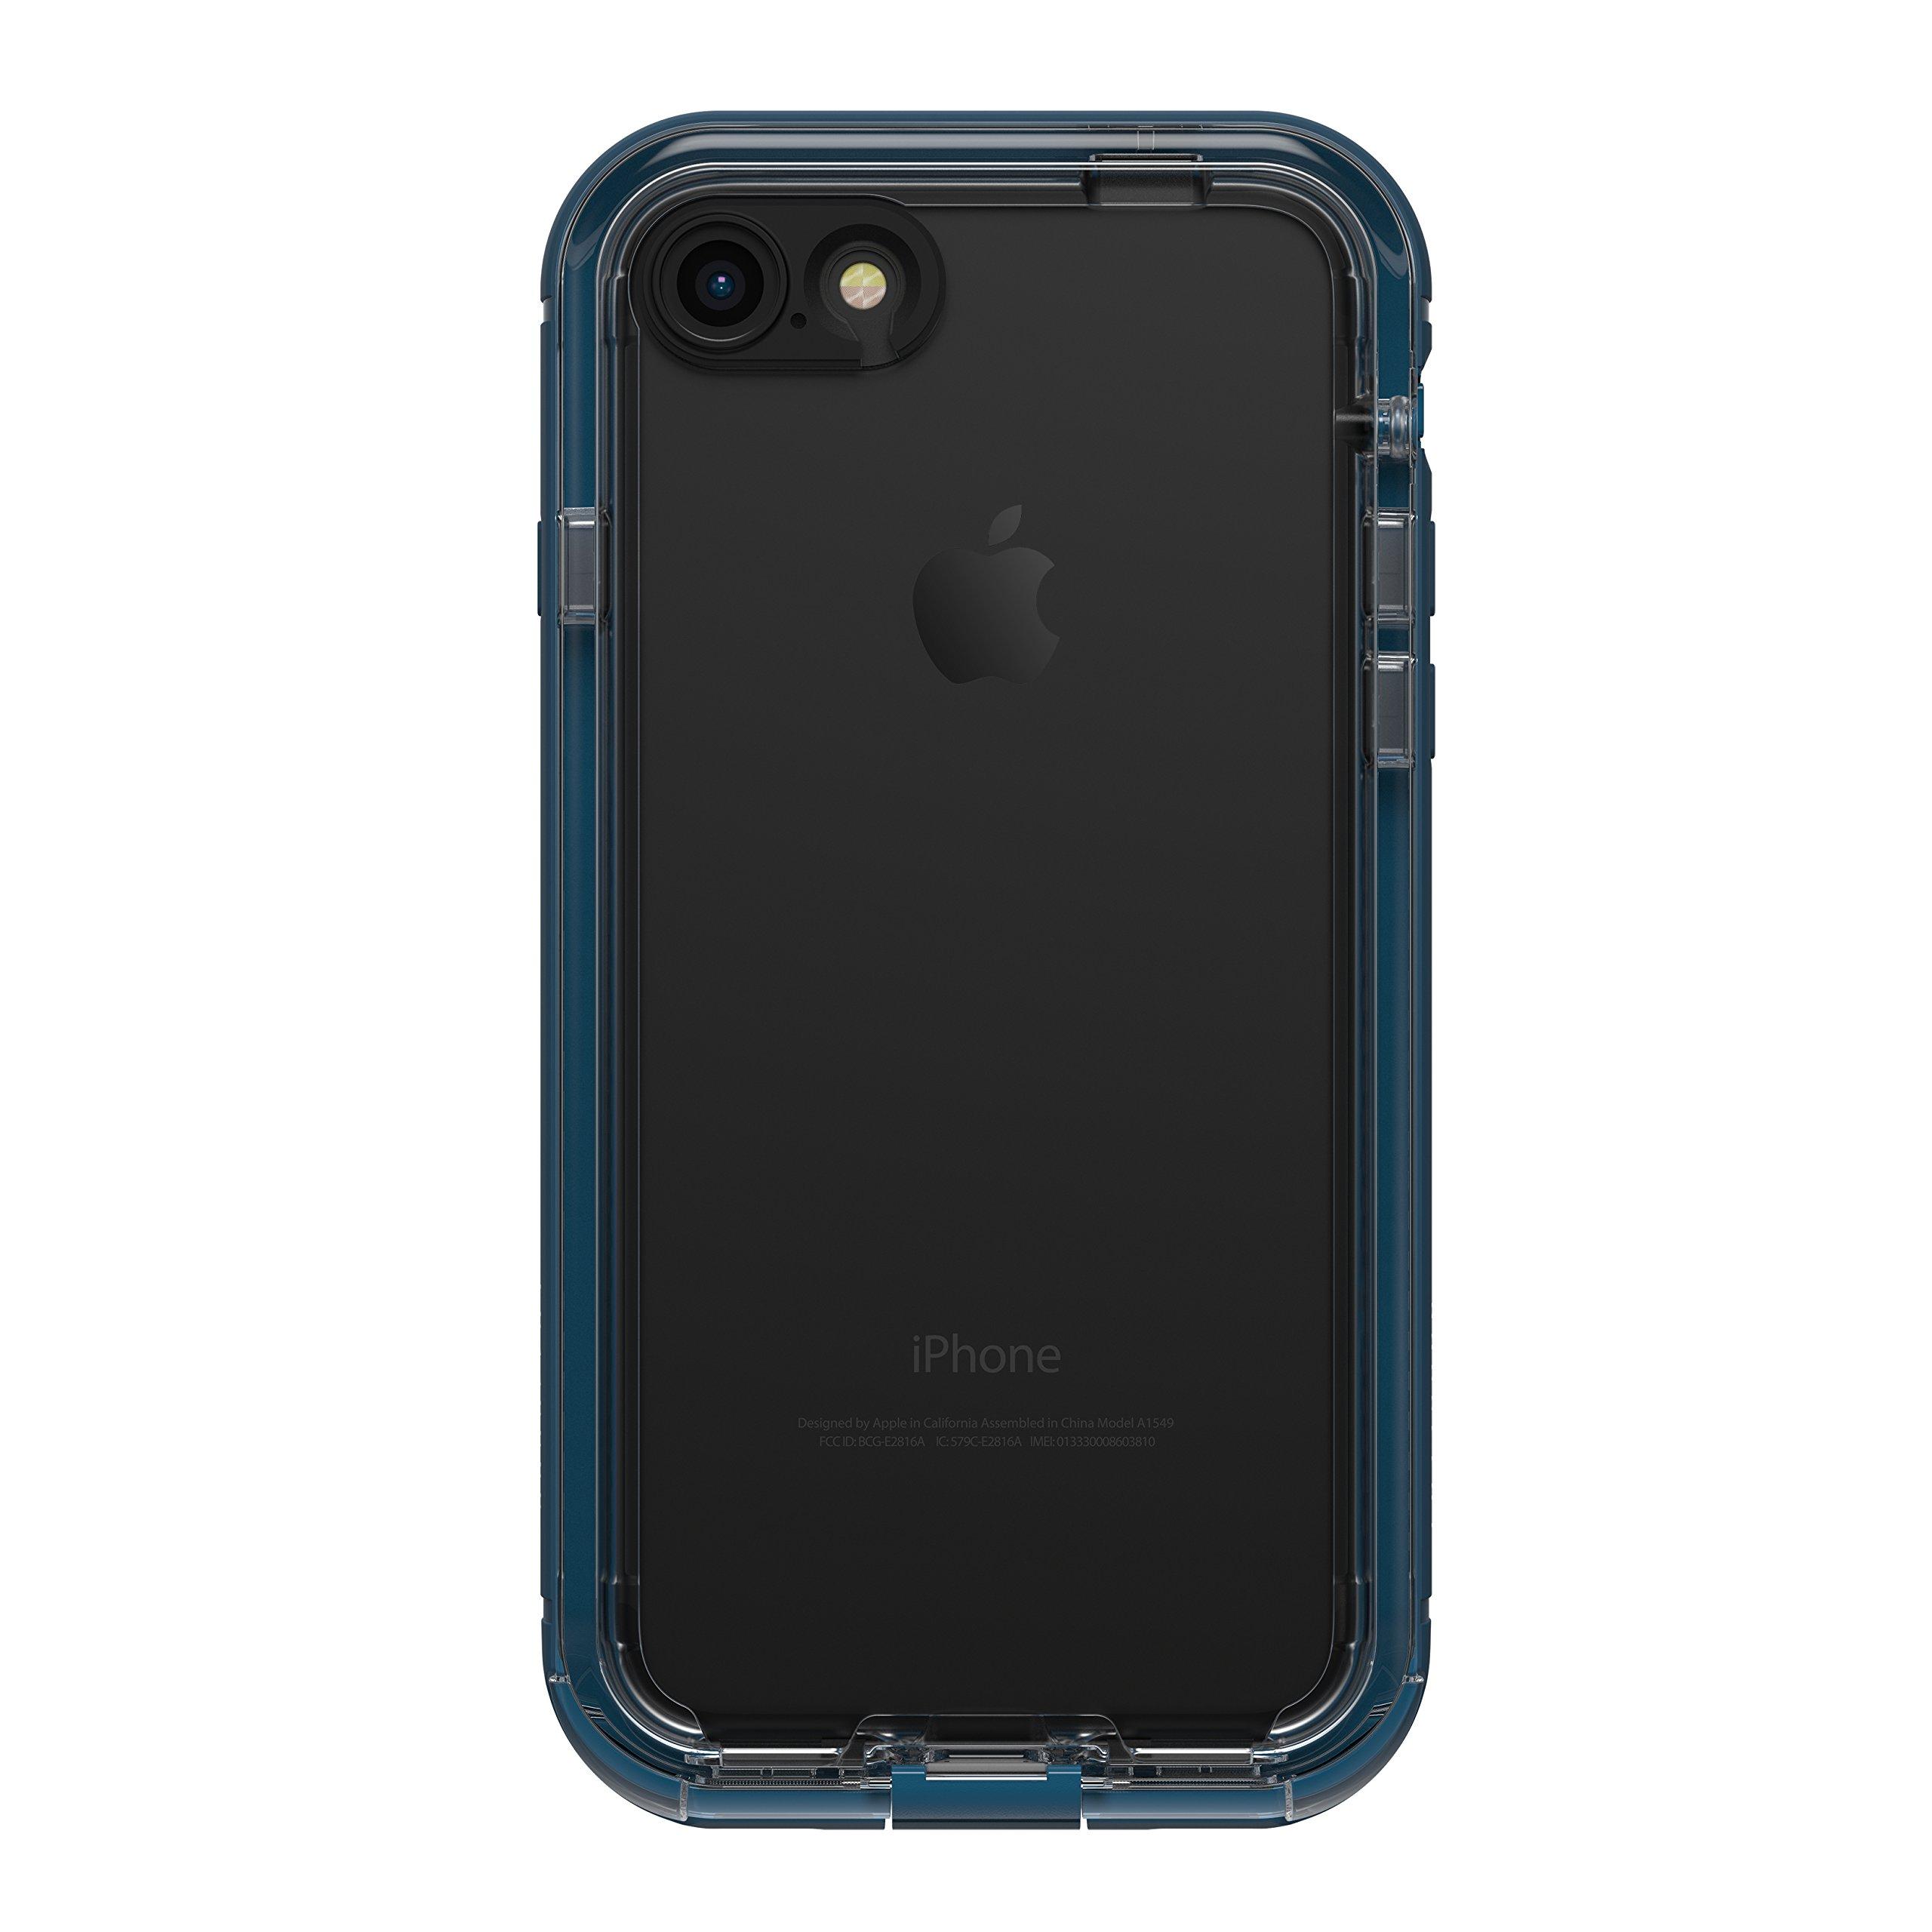 LifeProof NÜÜD SERIES Waterproof Case for iPhone 7 (ONLY) - Retail Packaging - MIDNIGHT INDIGO (INDIGO/BLAZER BLUE/CLEAR)